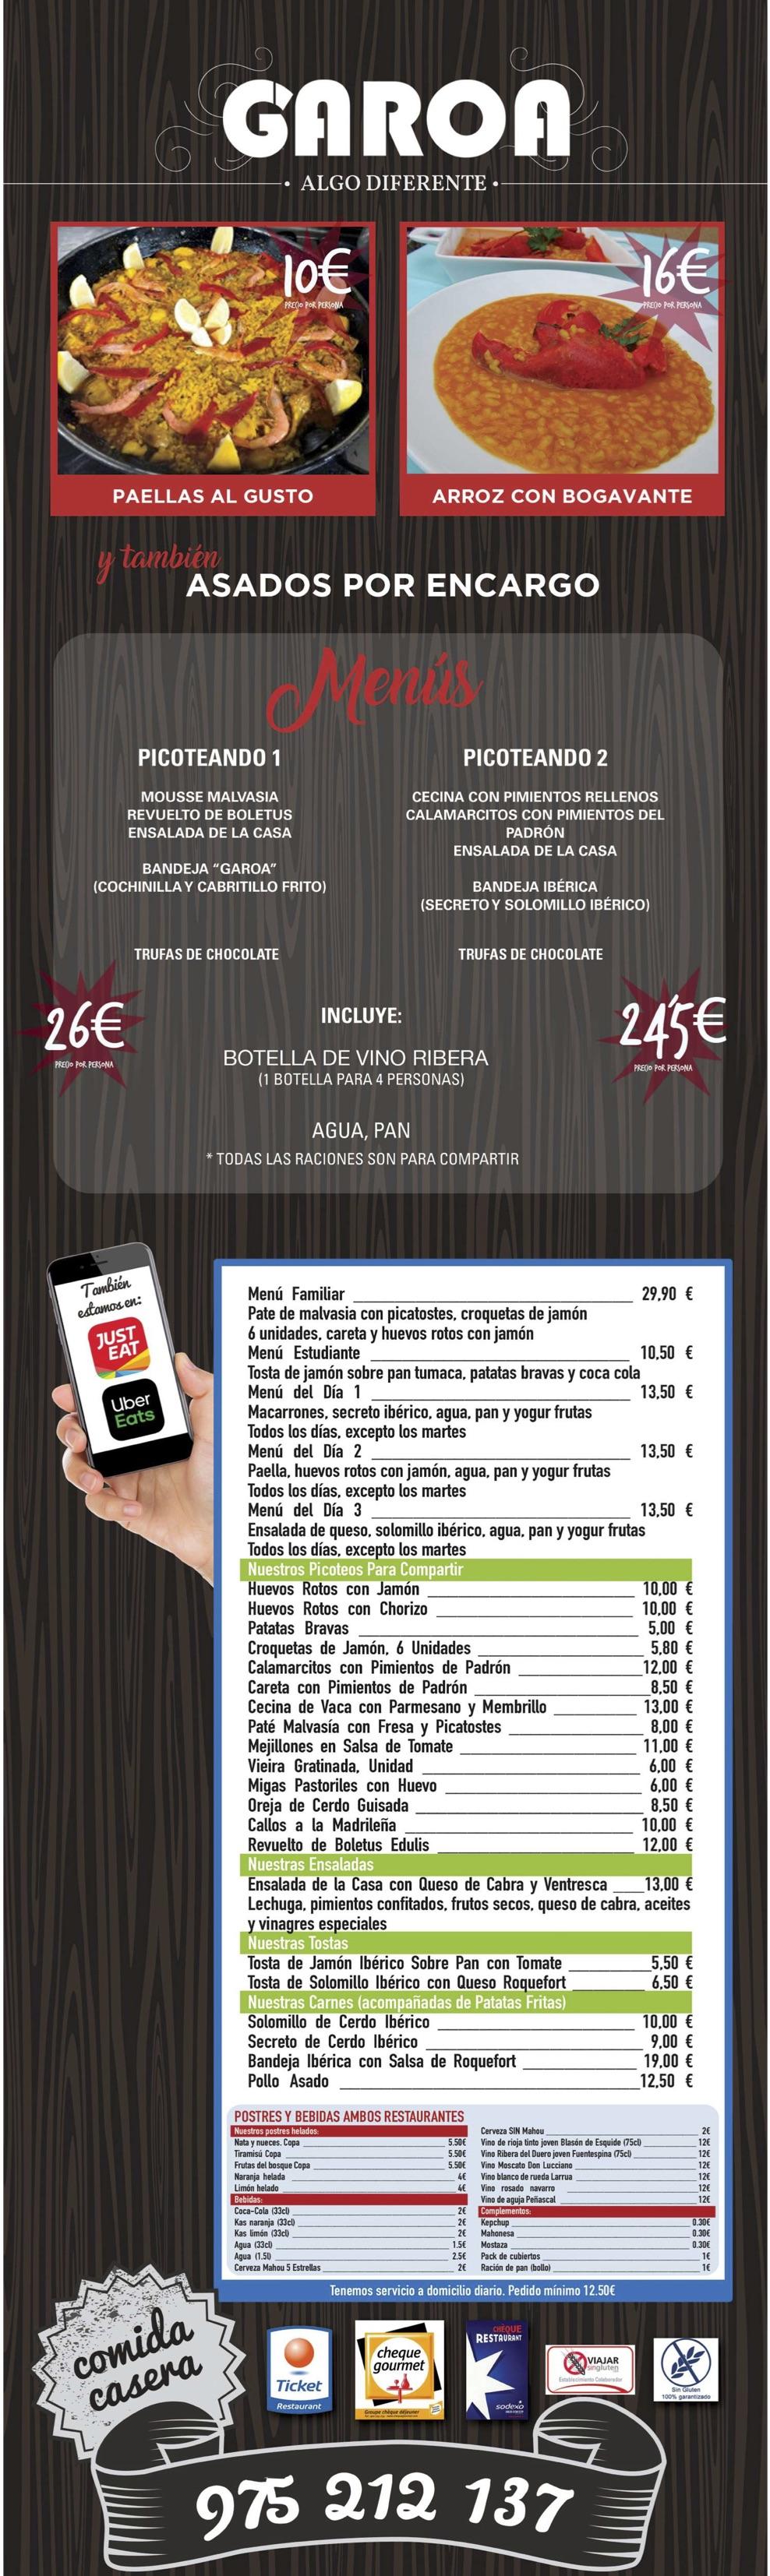 83000garoa-menu3_xp88qsh1.jpg